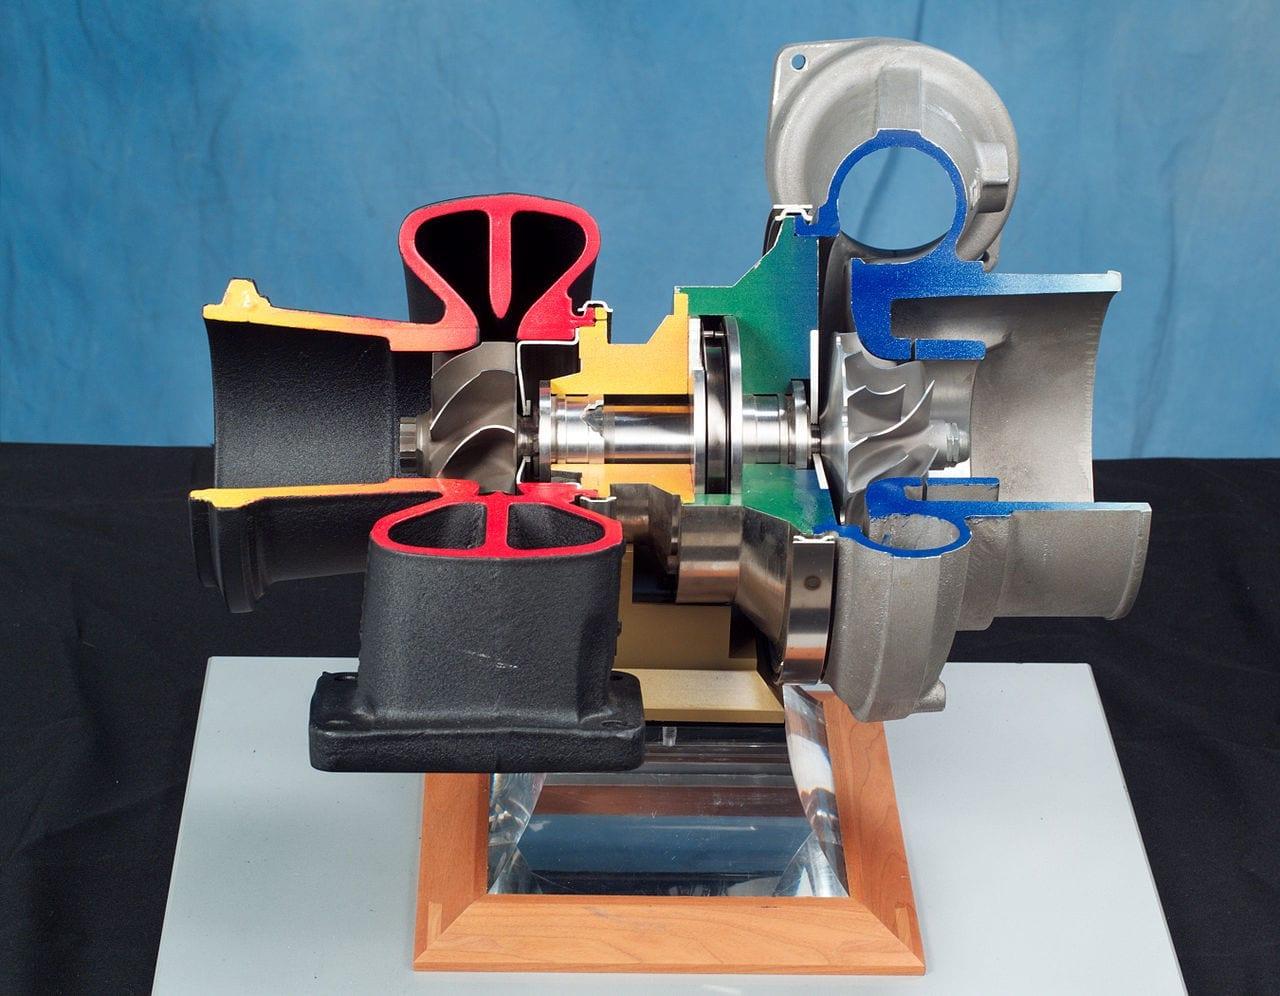 O turbocompressor e os juros compostos